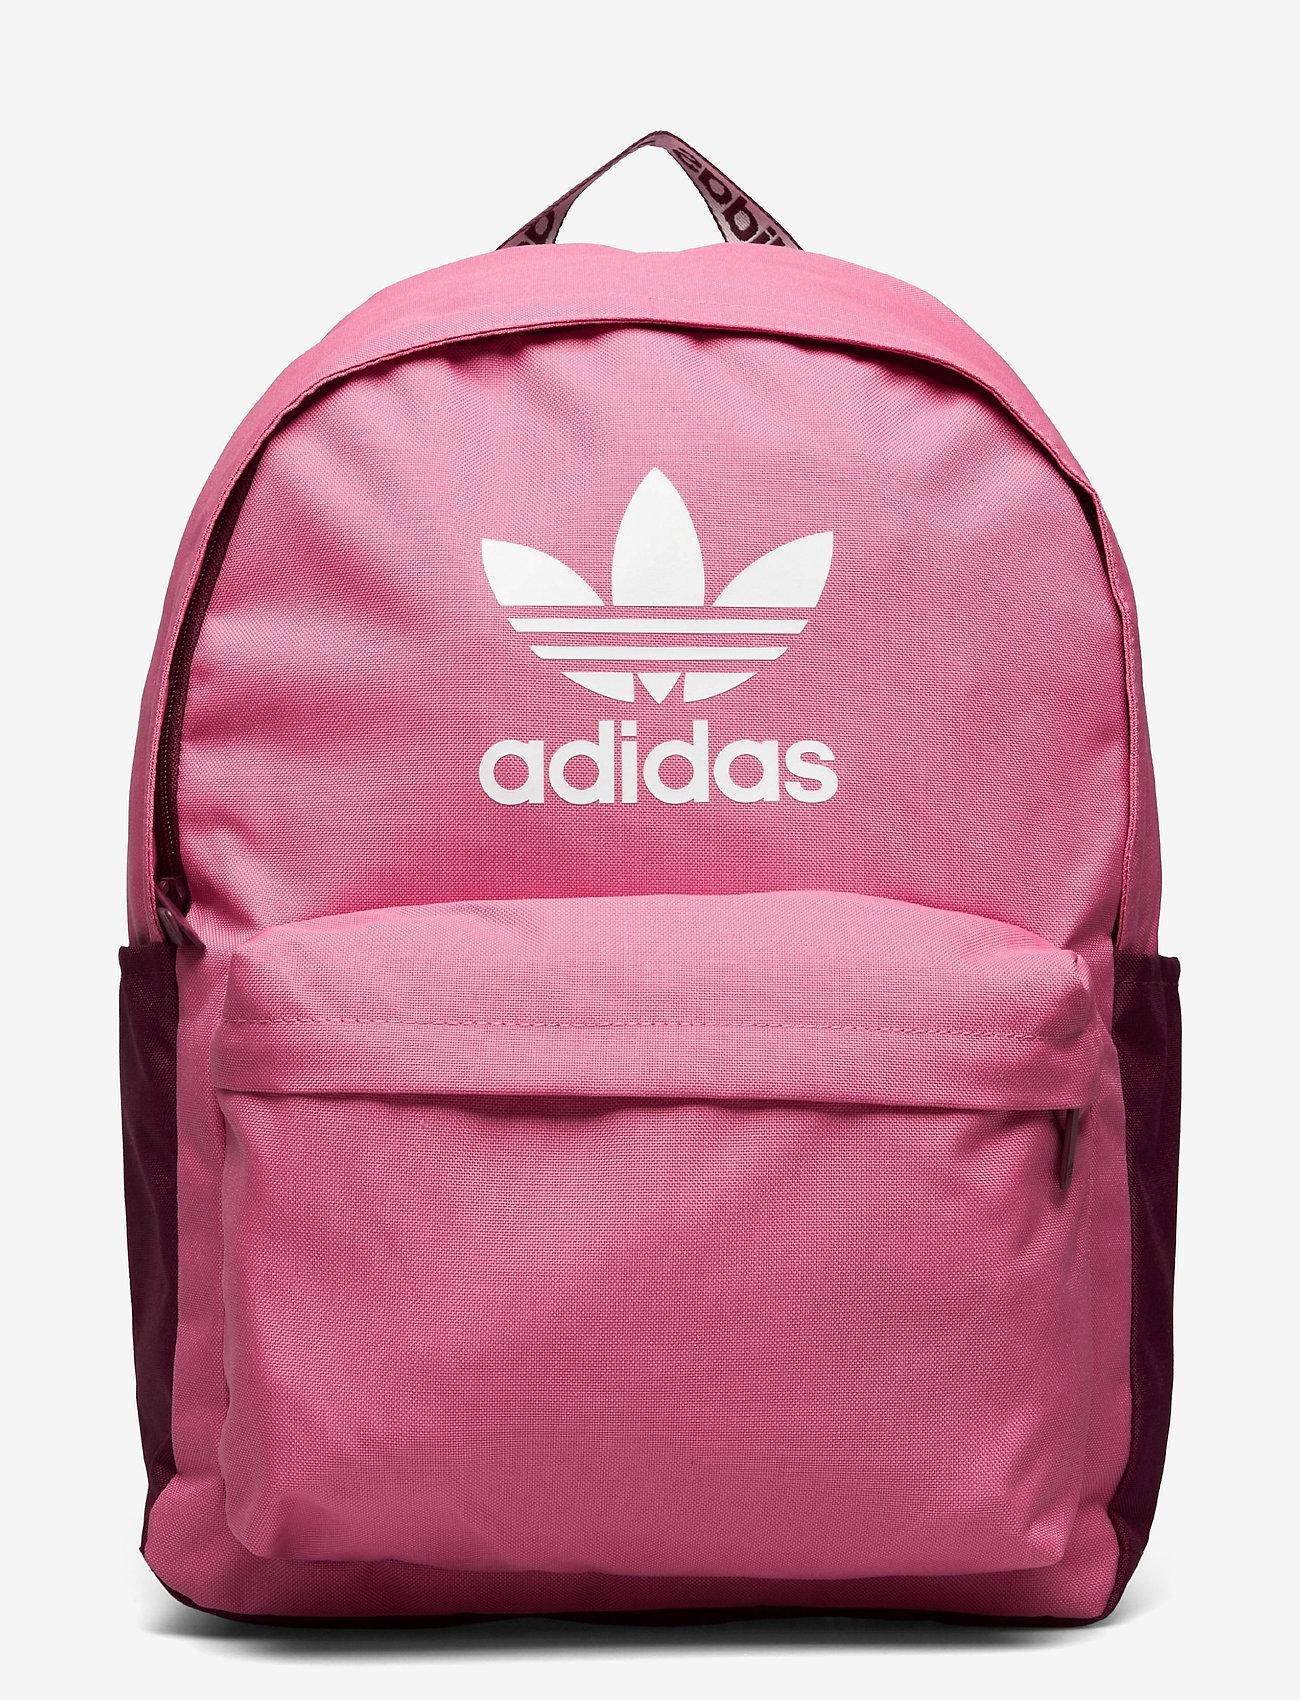 adidas Originals - Adicolor Backpack - nyheter - roston/viccri/white - 1